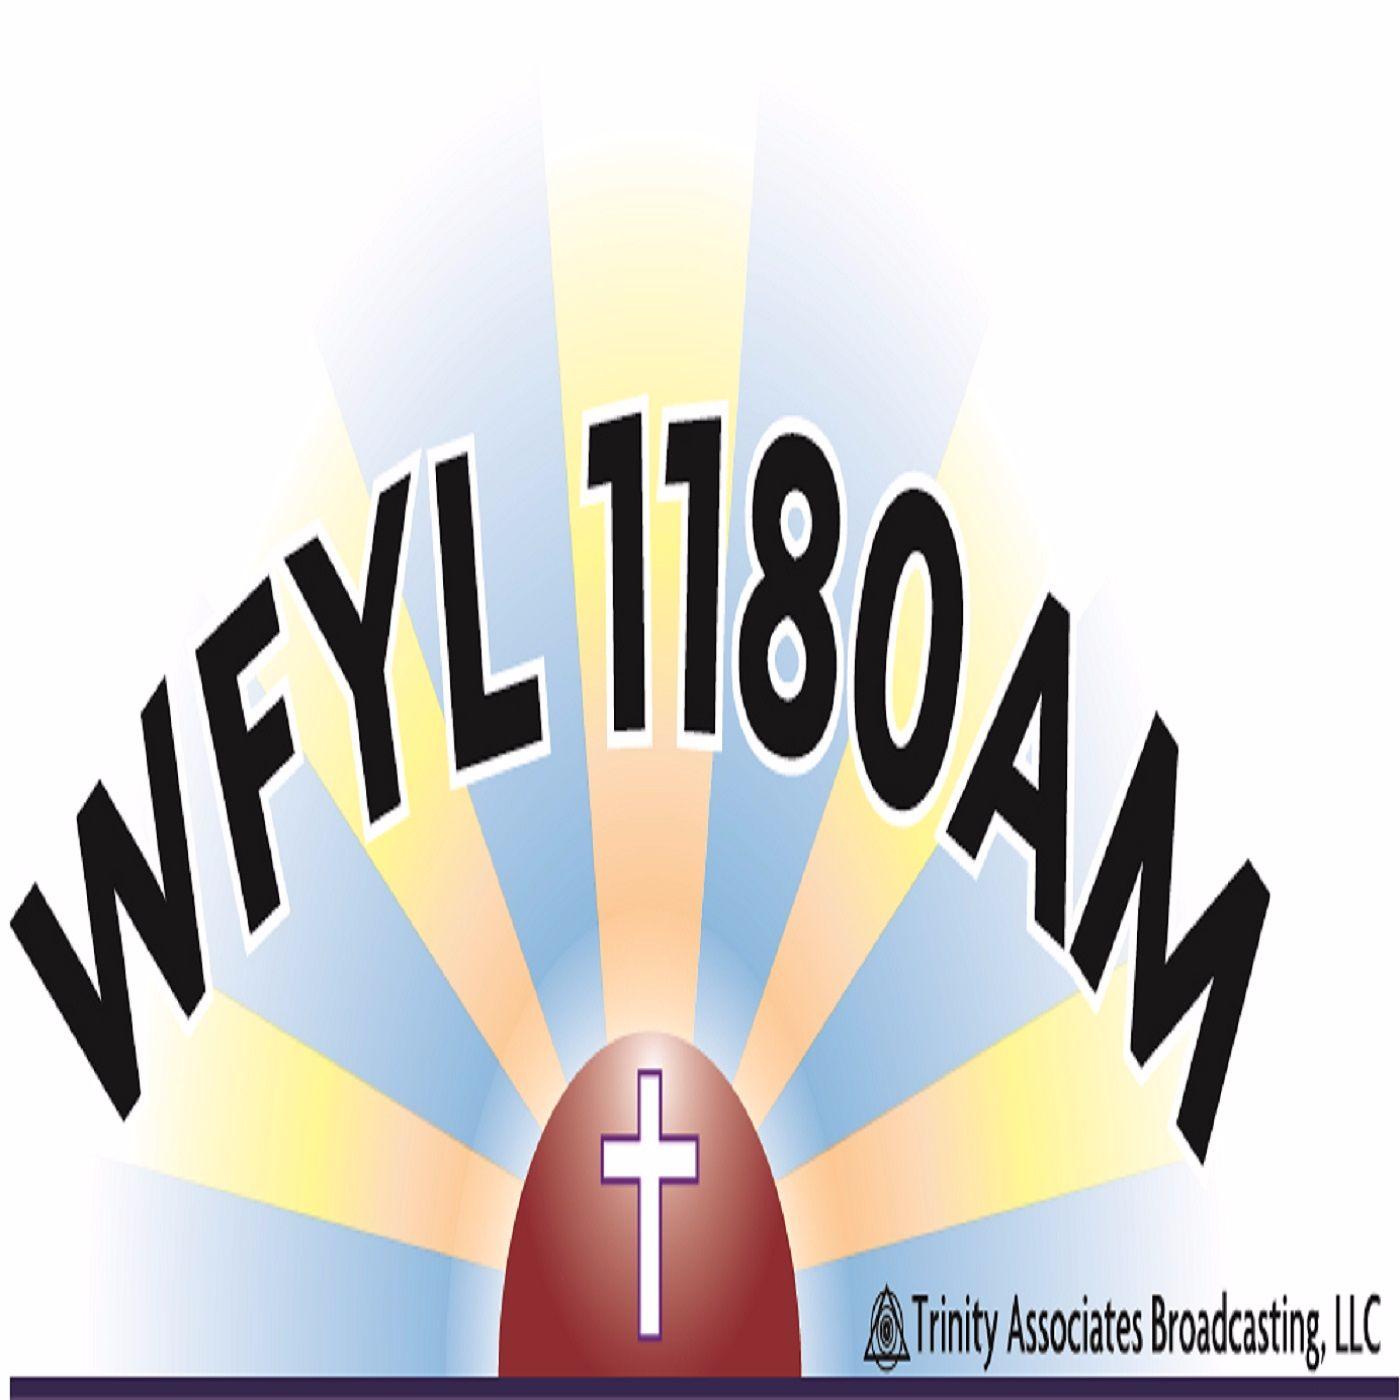 AM 1180 WFYL